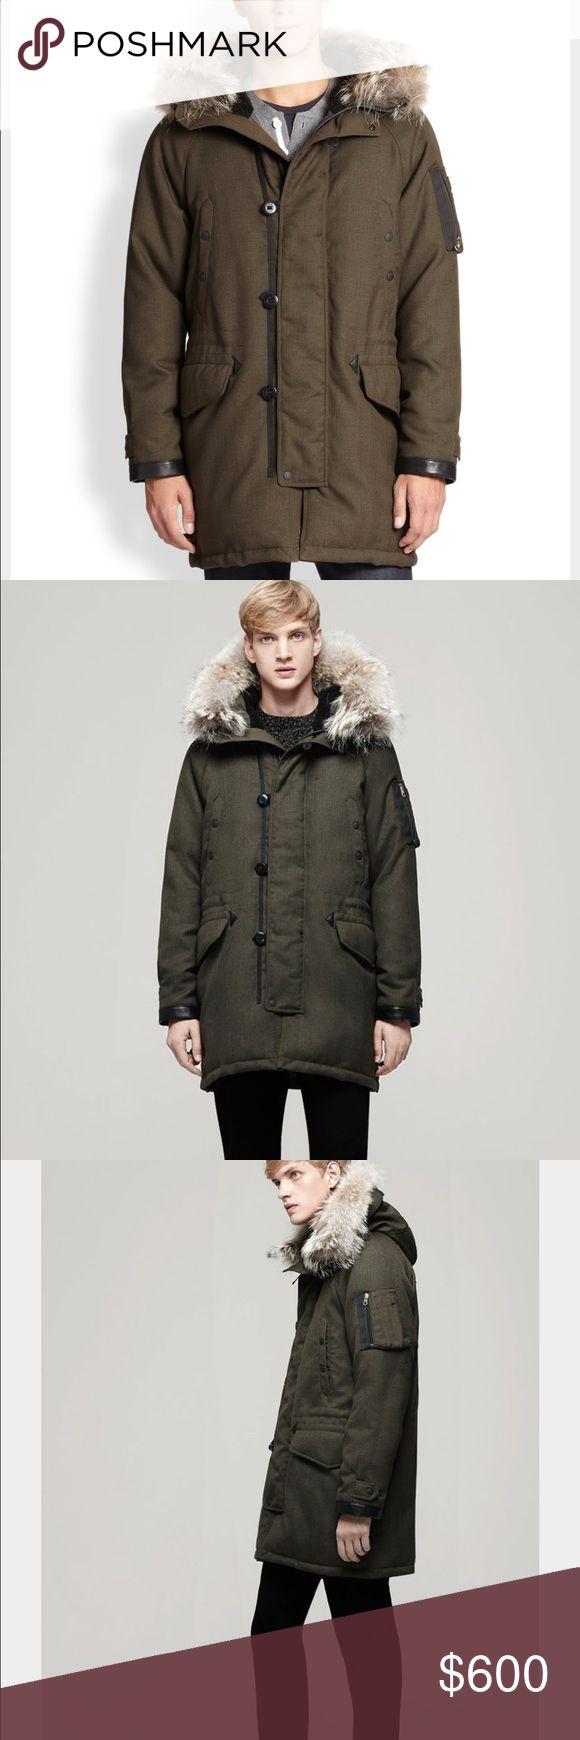 Rag and bone olive Arctic parka Men's coat rag & bone Jackets & Coats